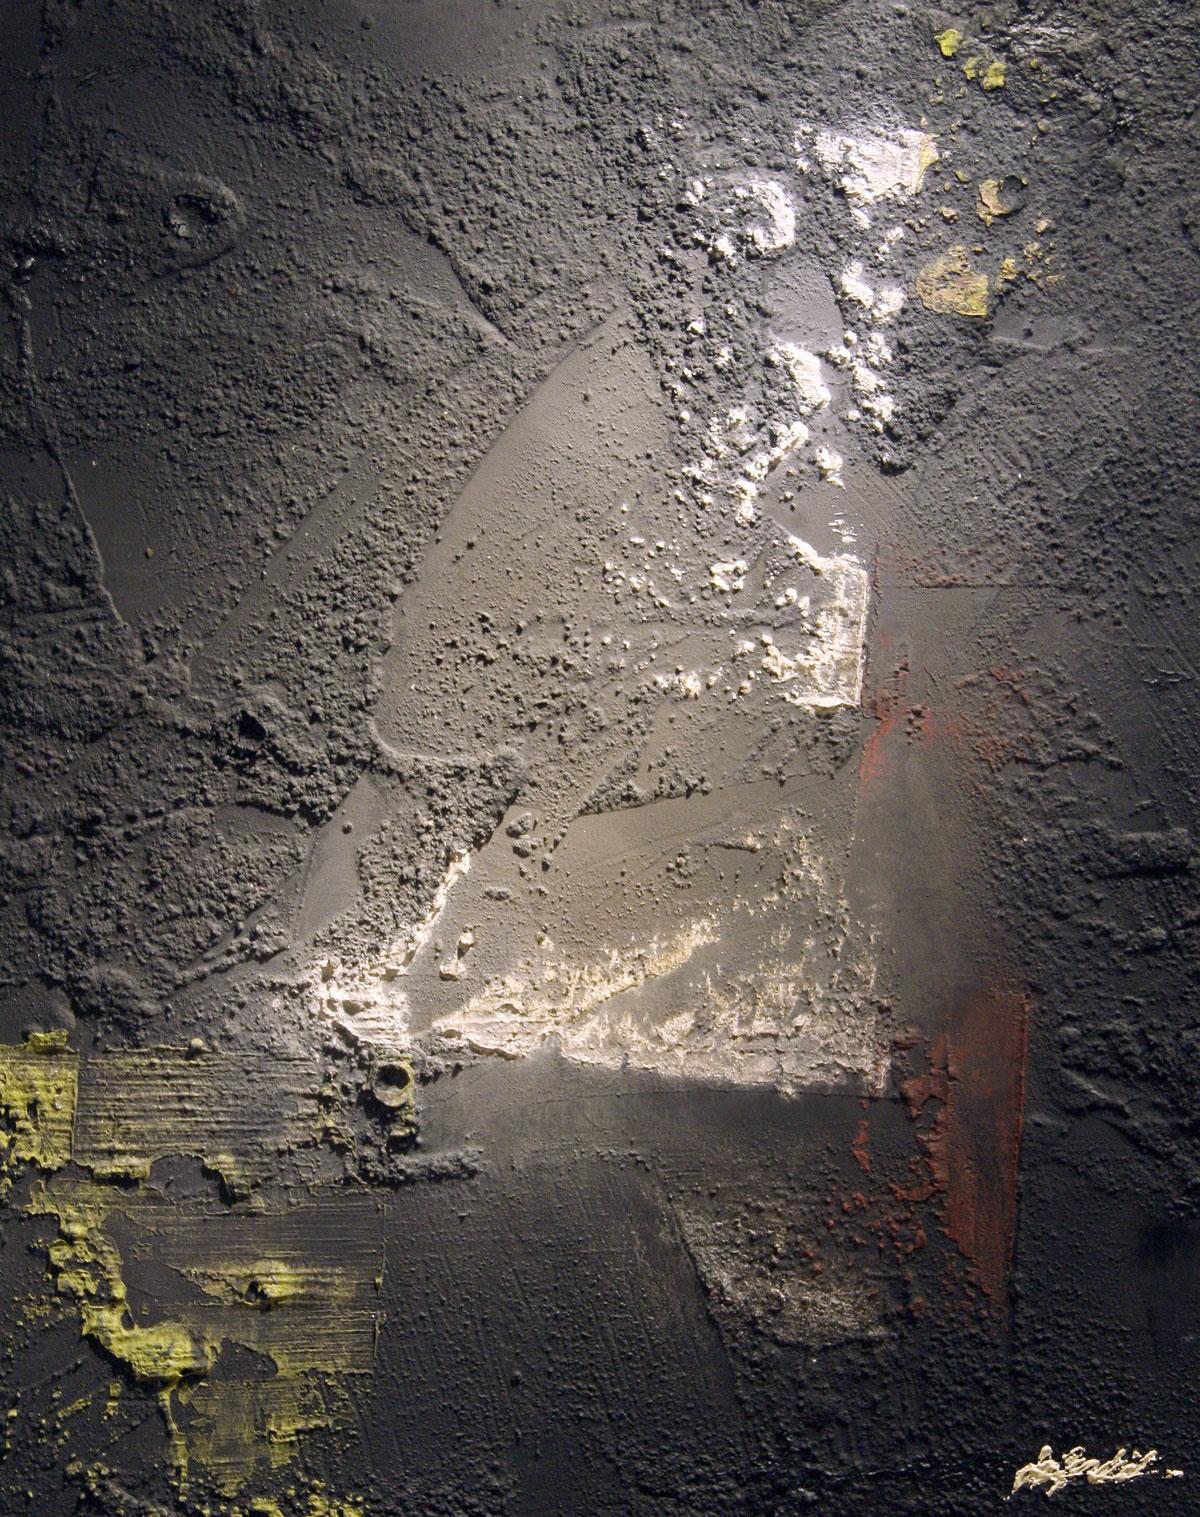 2009-de-nadie-pintura-hector-puertolas